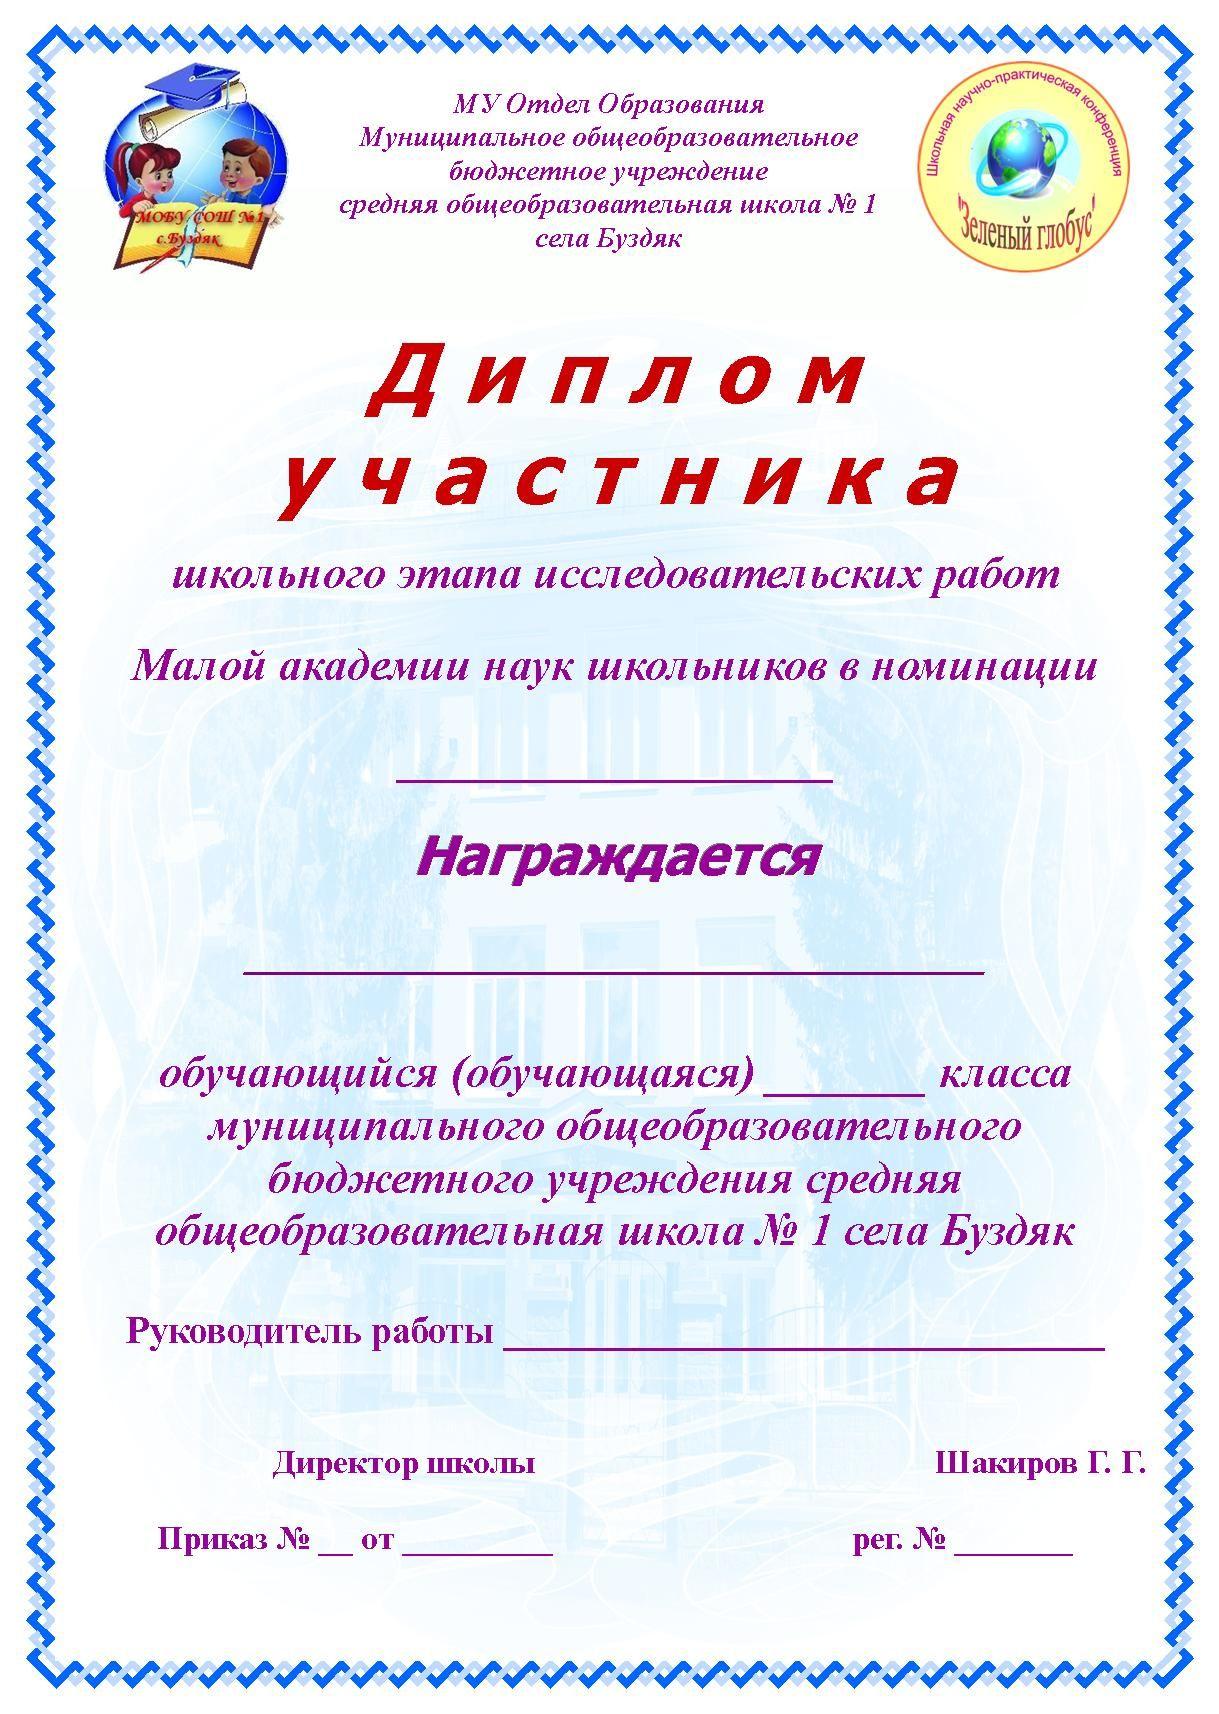 Образец сертификата участника скачать